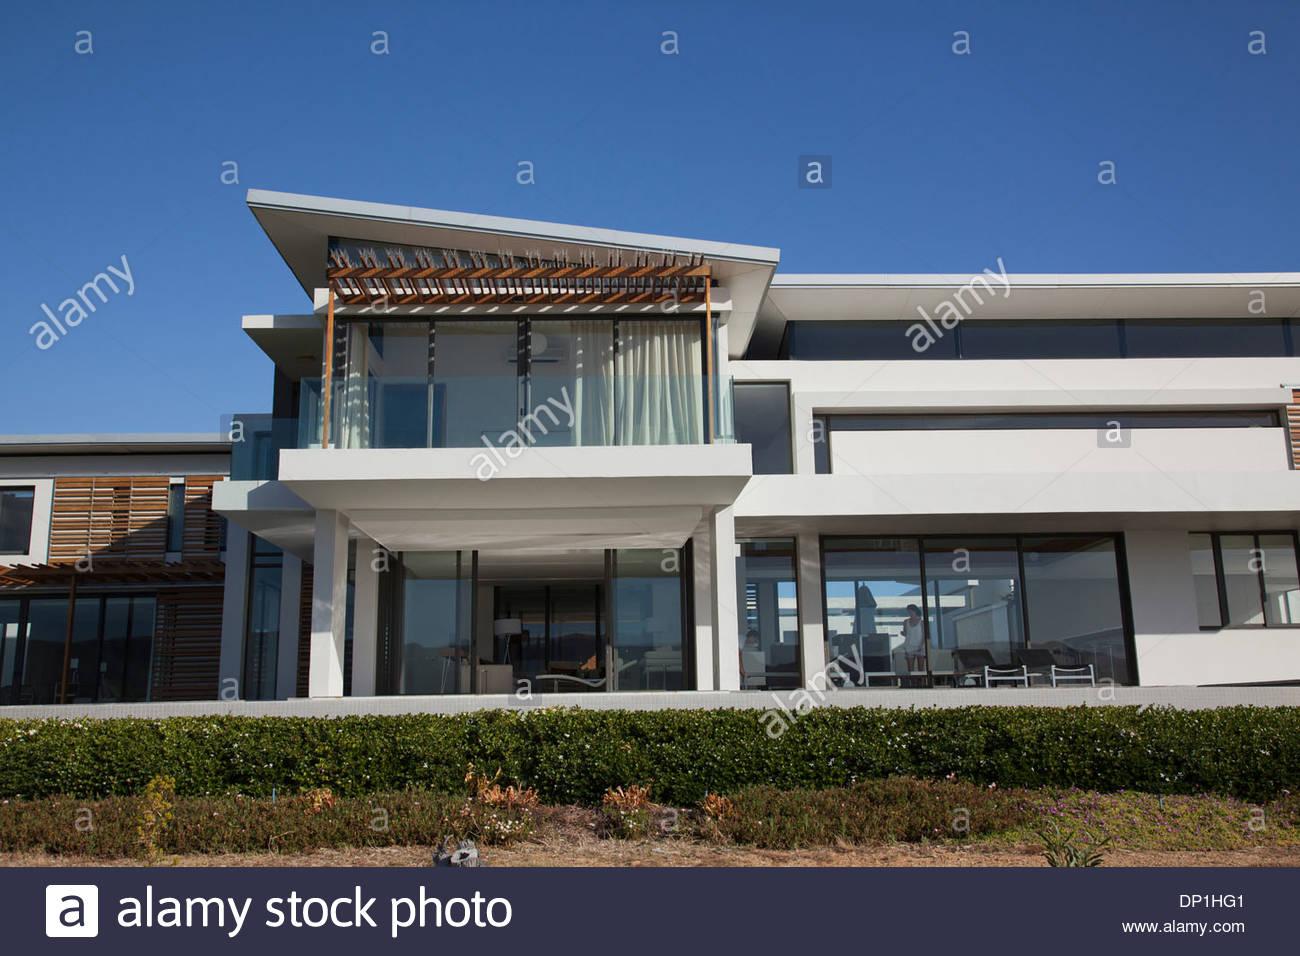 El exterior de la casa moderna Imagen De Stock